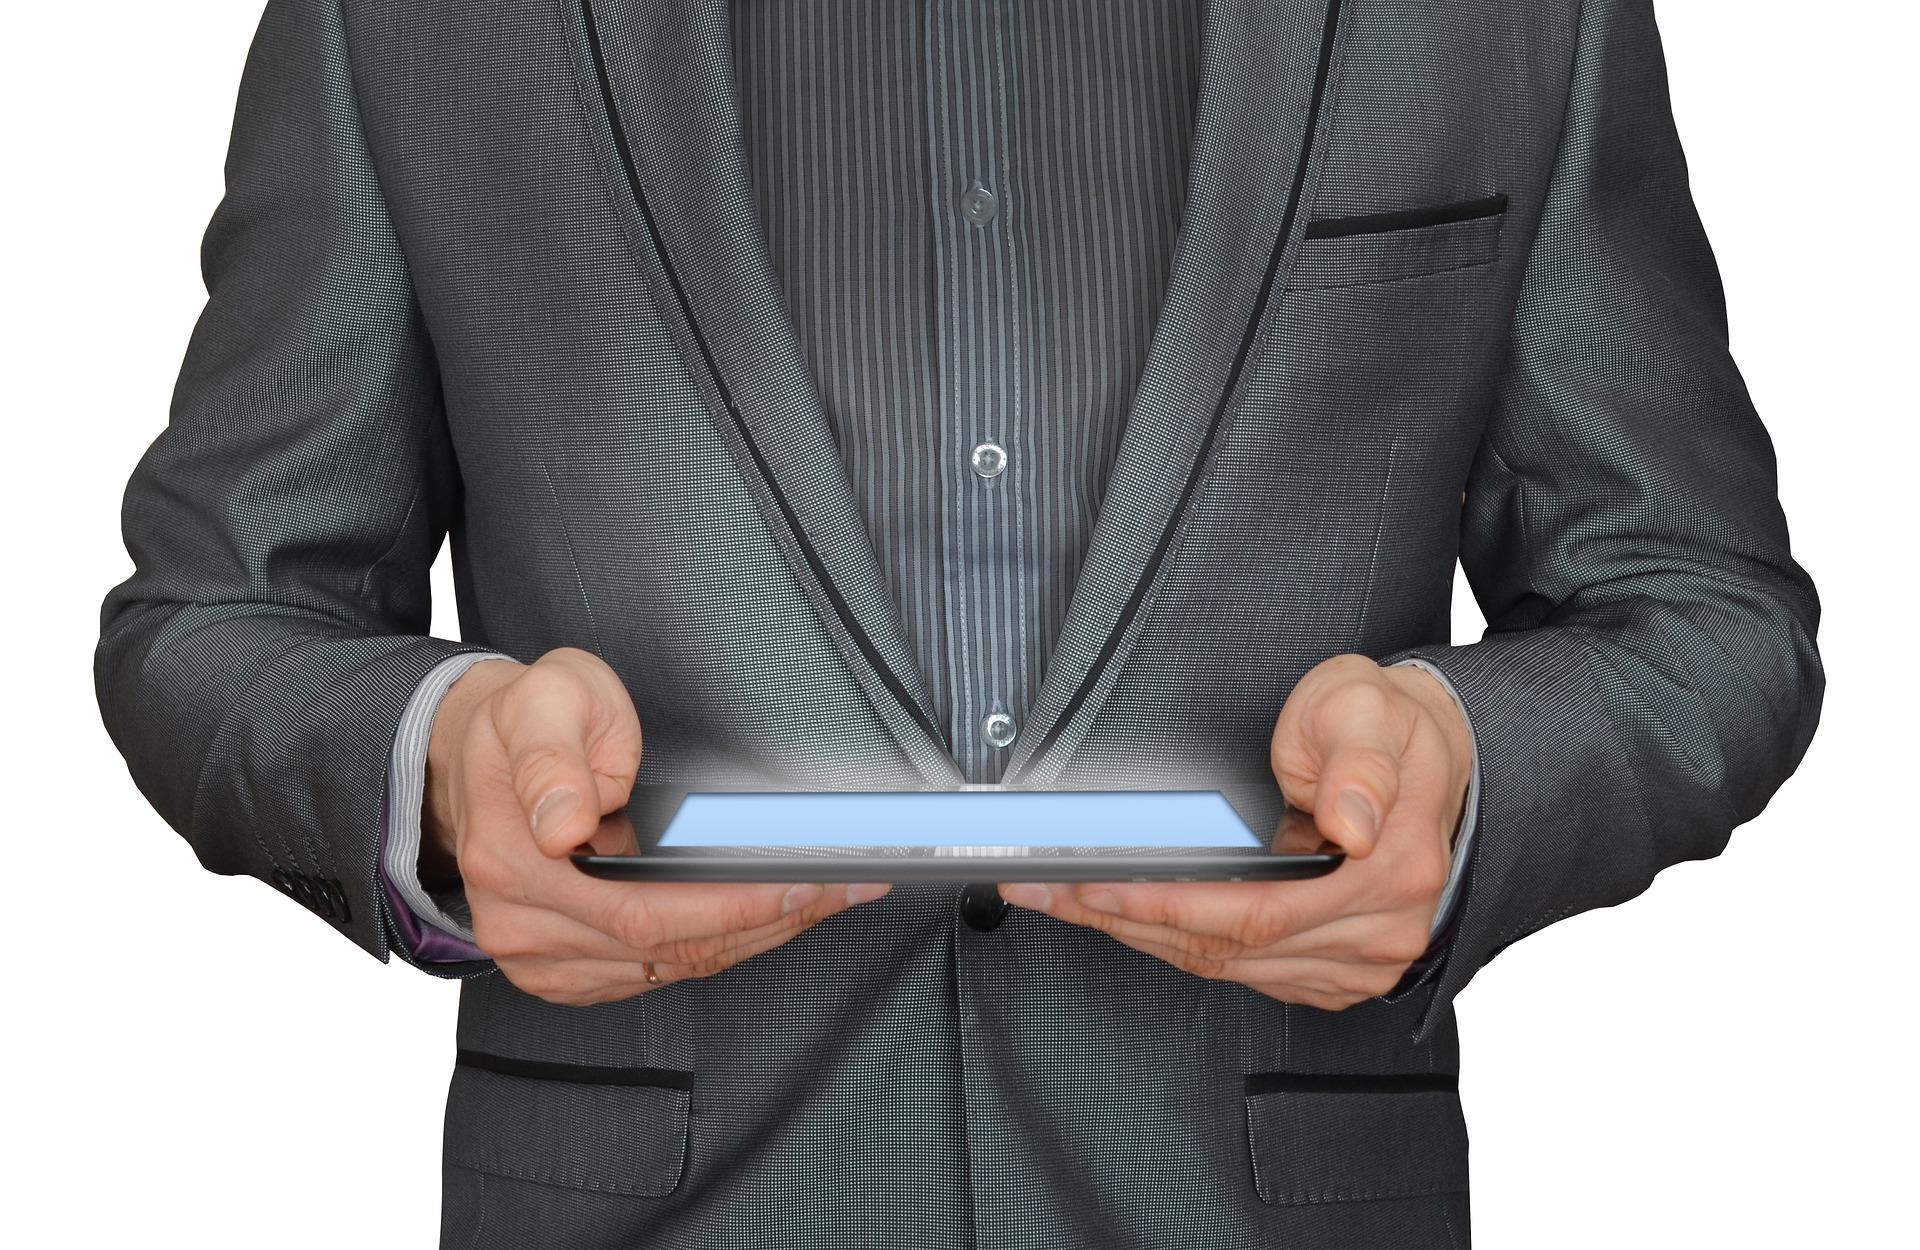 2022年までに2割普及|5G対応のタブレットで可能なサービスとは?